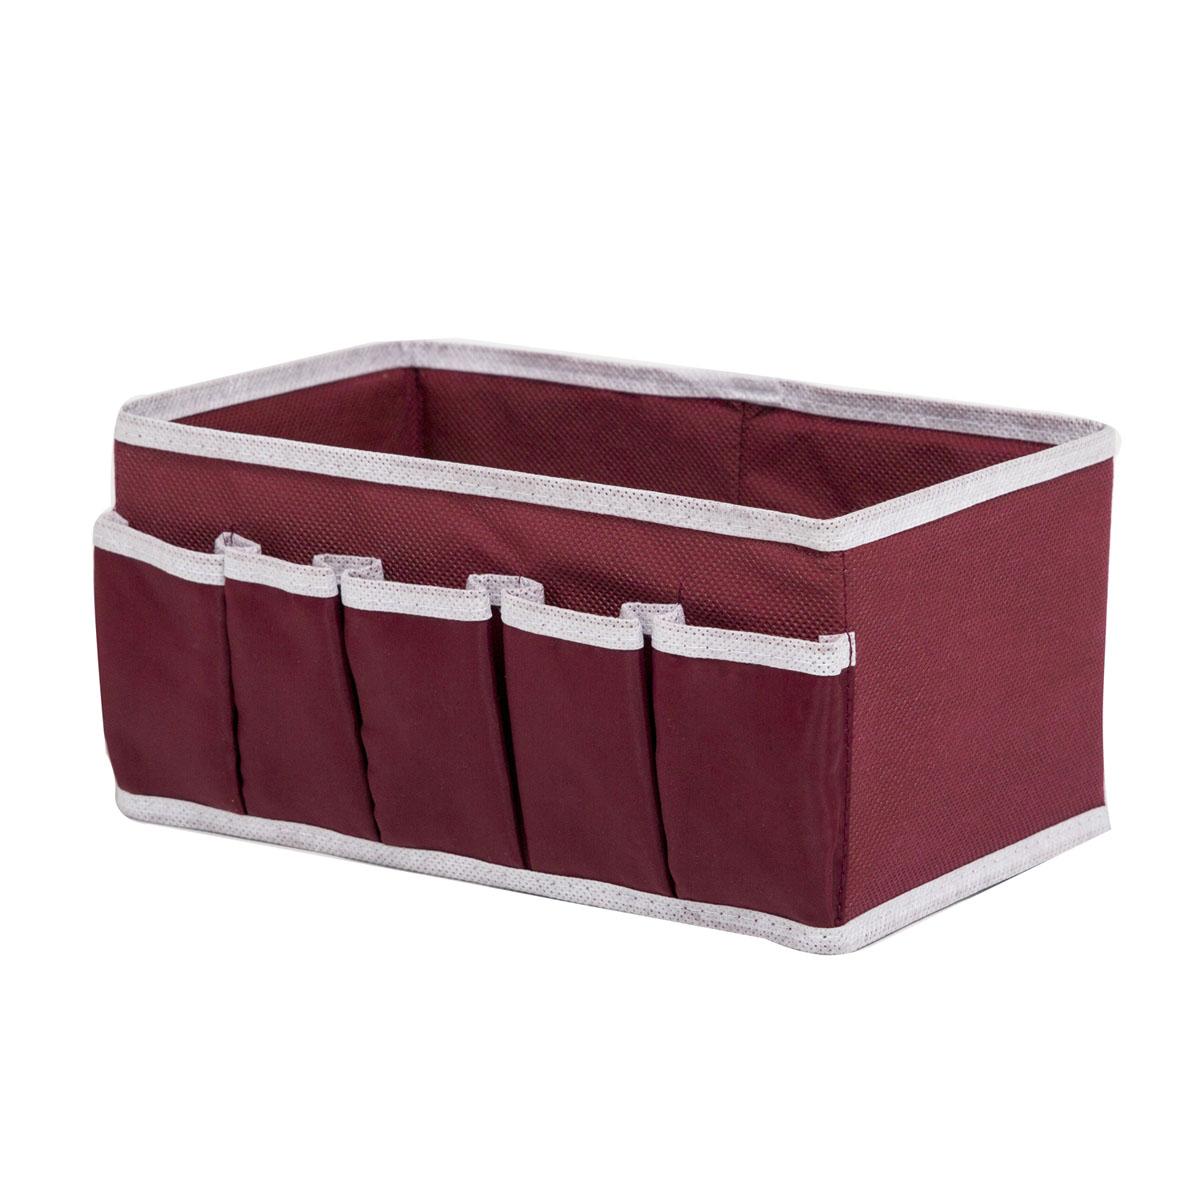 Органайзер для хранения косметики и мелочей Homsu Red Rose, 25 х 15 х 12 смHOM-15Органайзер Homsu Red Rose выполнен из полиэстера и предназначена для хранения вещей. Изделие защитит вещи от повреждений, пыли, влаги и загрязнений во время хранения и транспортировки. Органайзер идеально подходит для хранения детских вещей и игрушек. Жесткий каркас из плотного толстого картона обеспечивает устойчивость конструкции. Размер: 25 х 15 х 12 см.